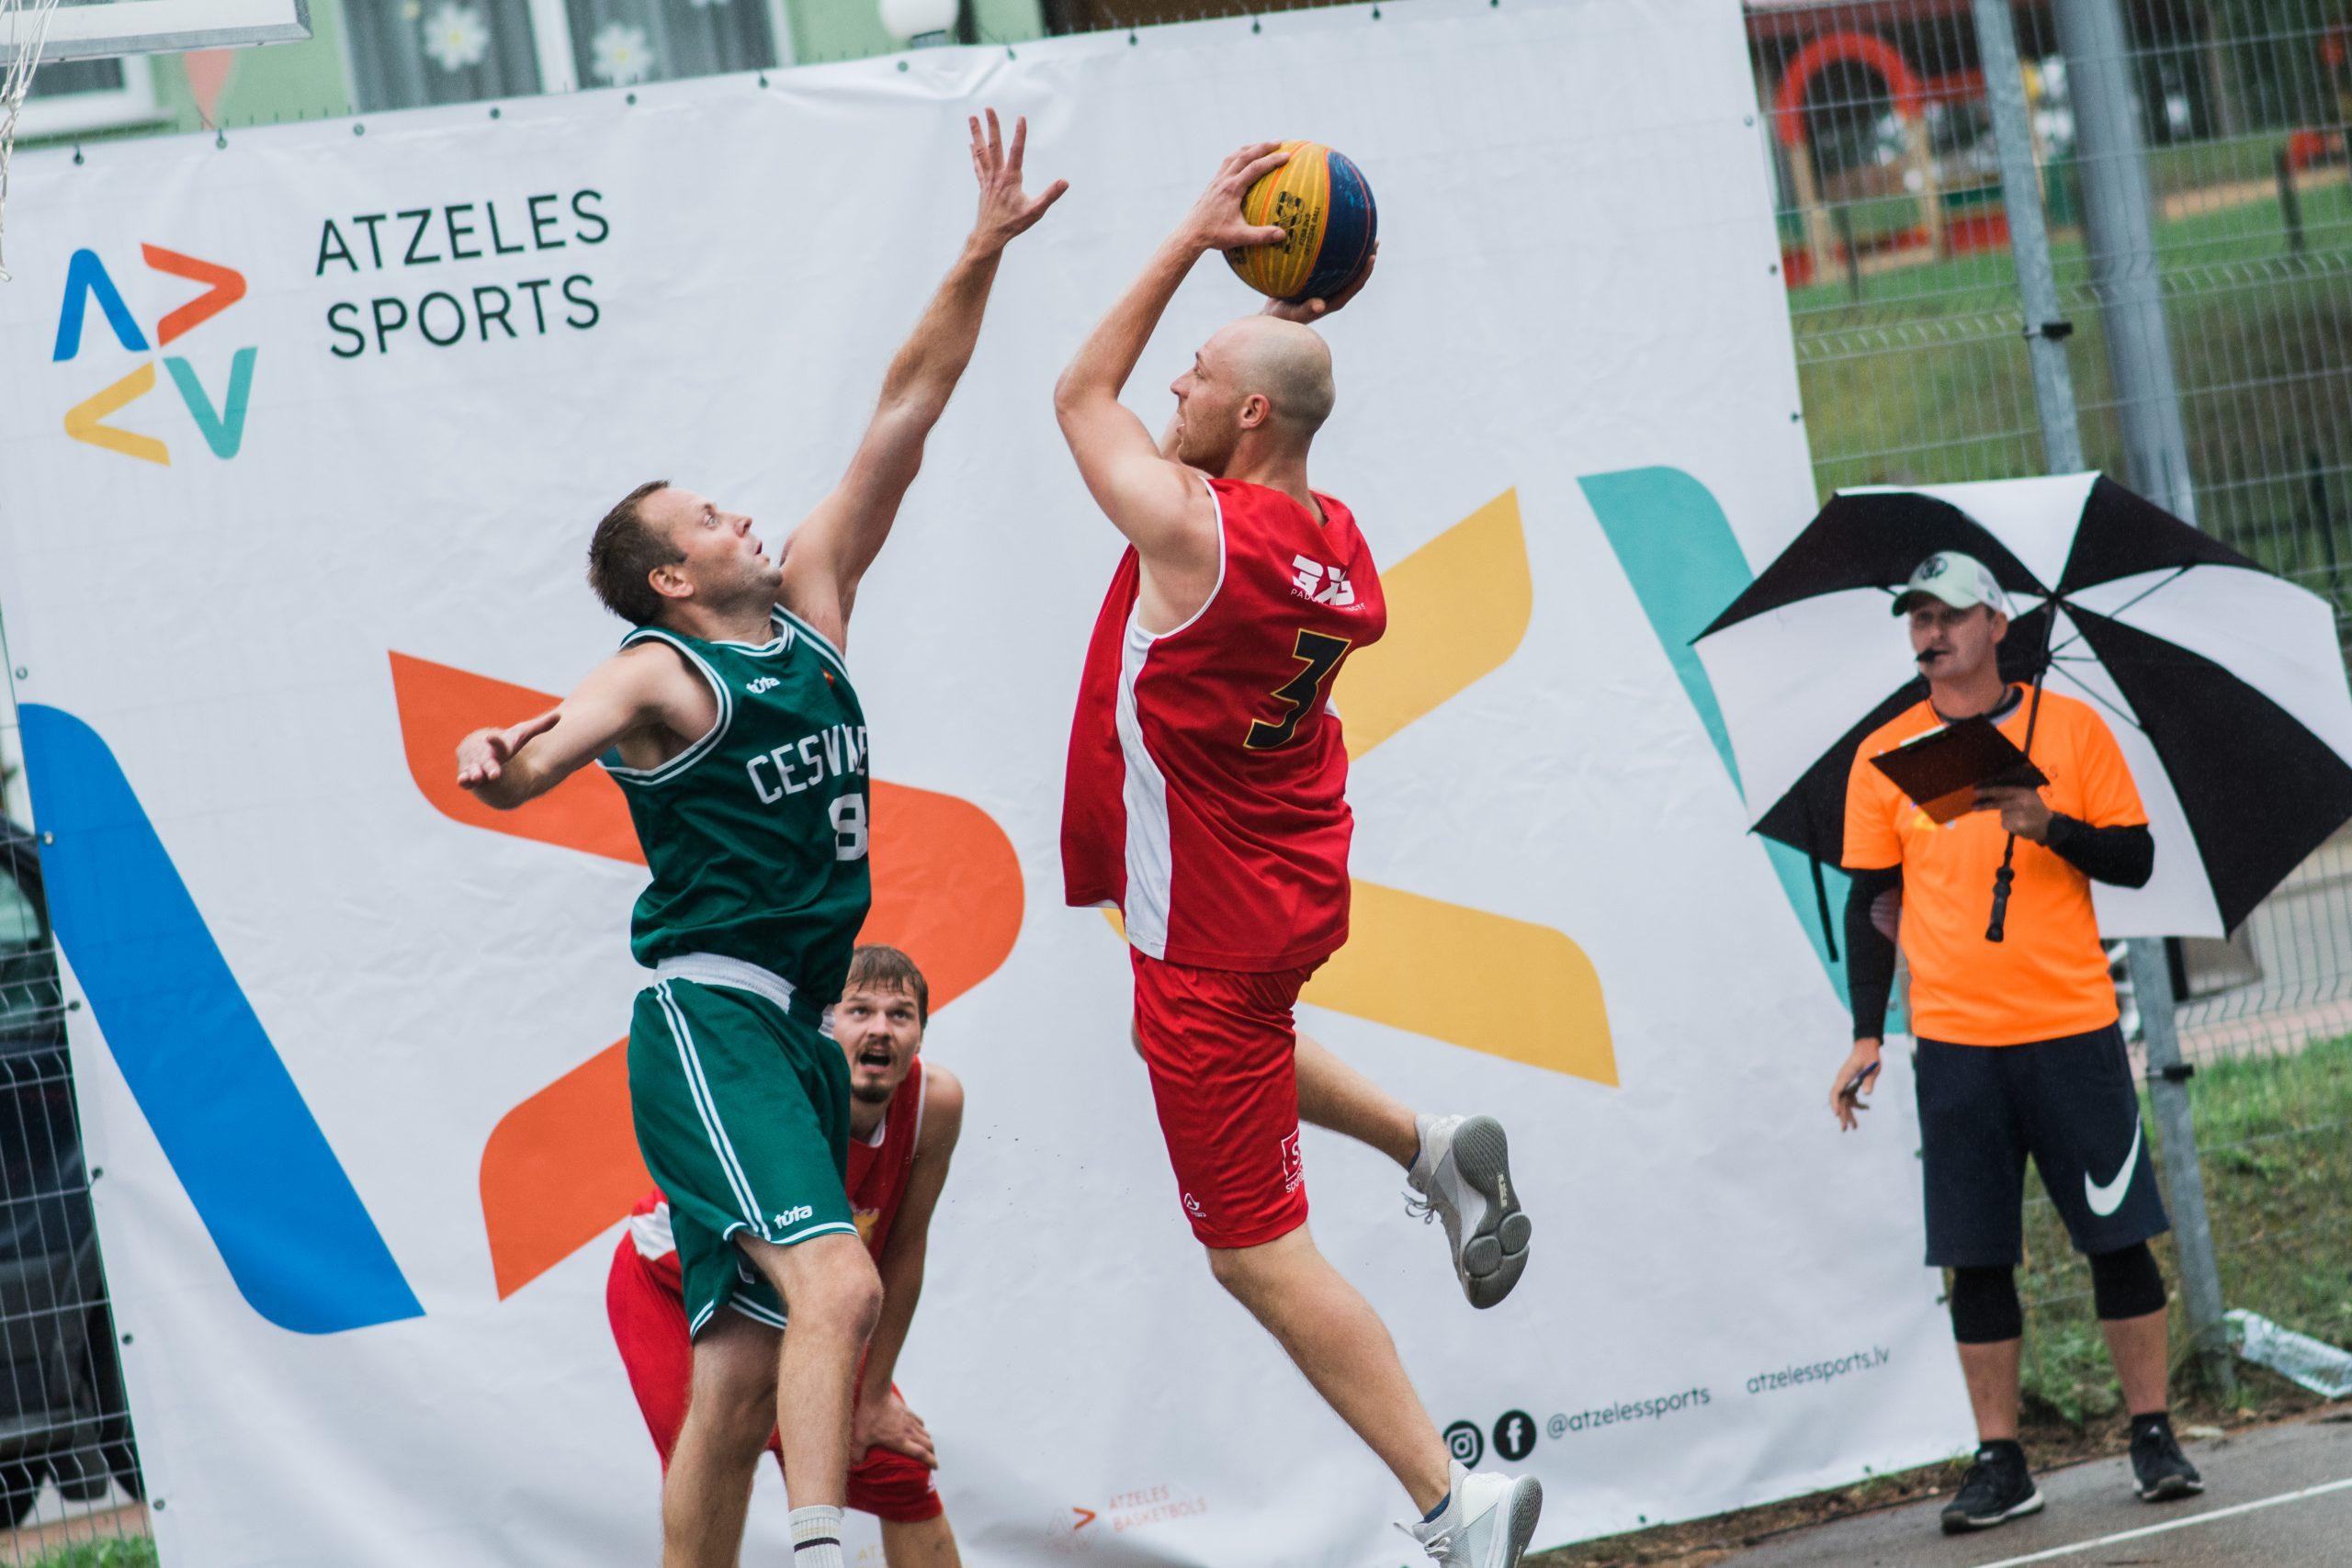 Atzeles 3×3 basketbola LIELAIS FINĀLS!